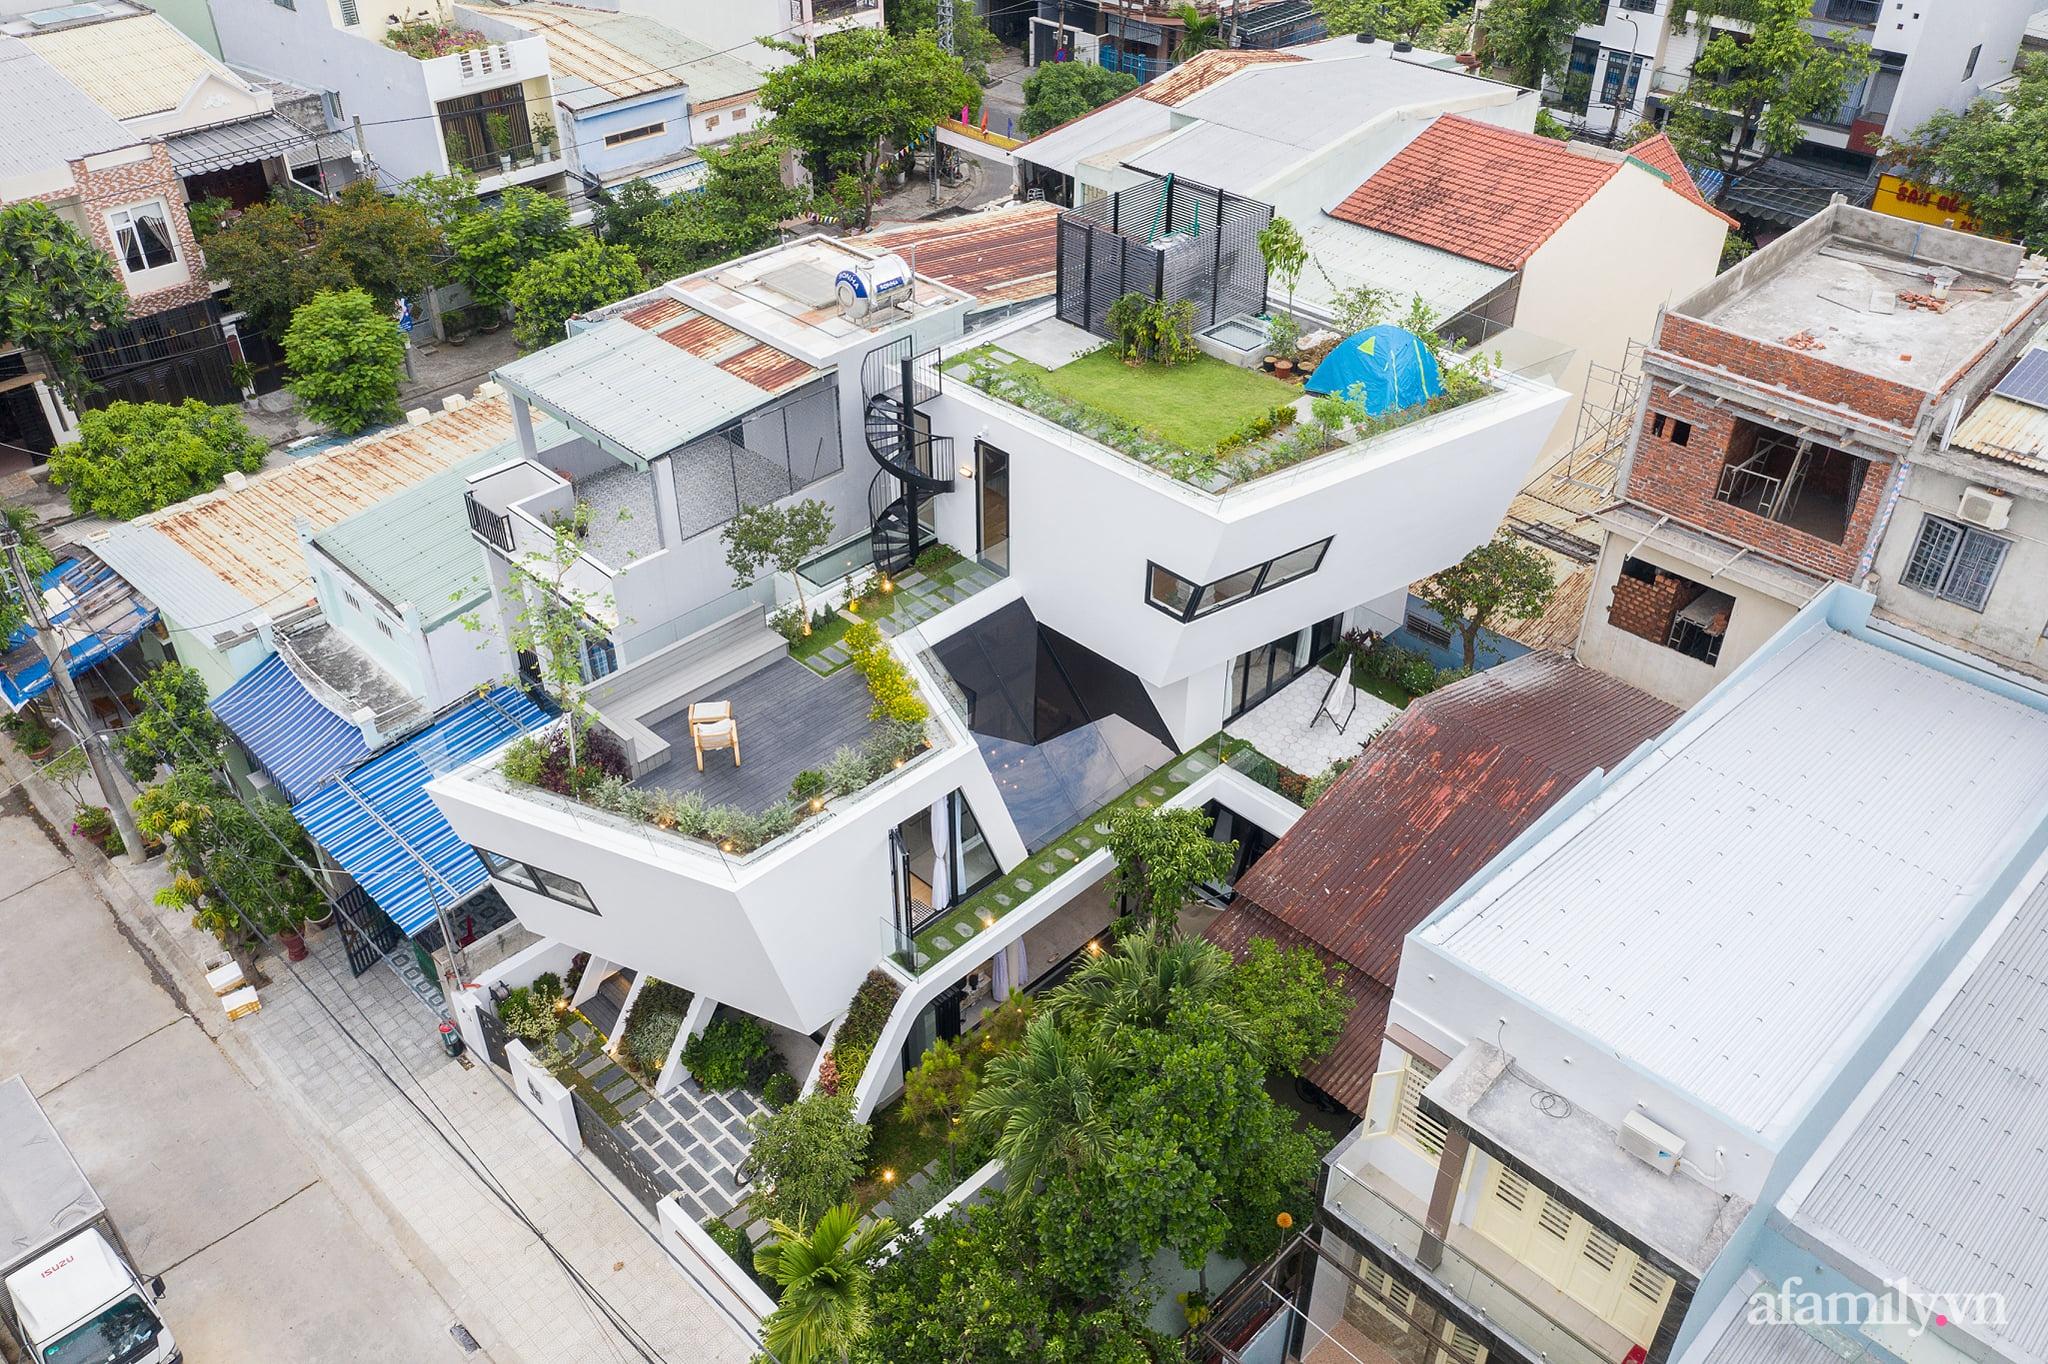 Nhà phố độc lạ được thiết kế lấy cảm hứng từ phi thuyền ở Đà Nẵng - Ảnh 5.